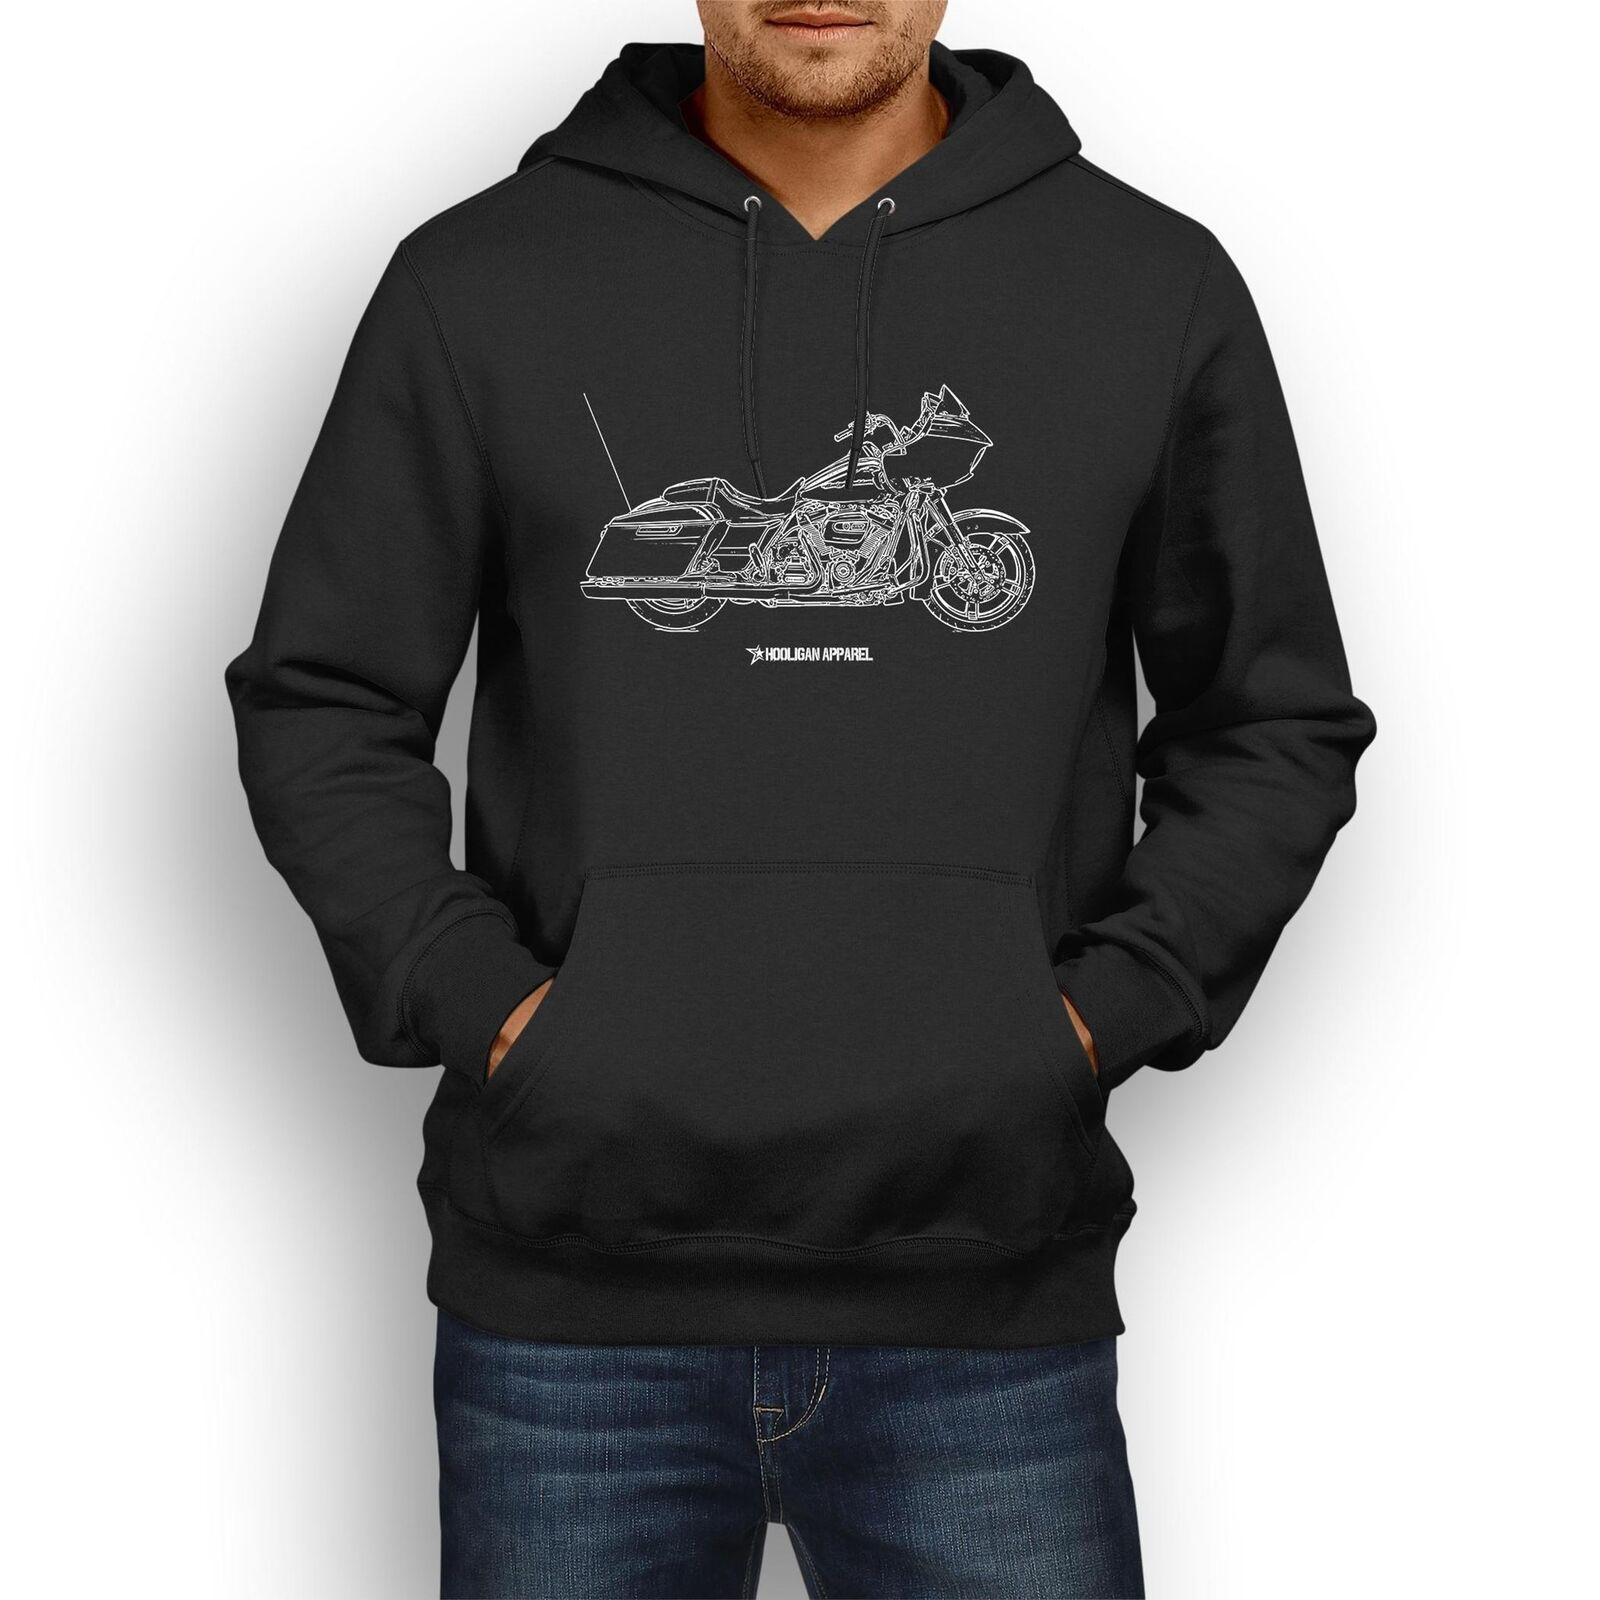 Harley Davidson Road Glide Special InspiROT Motorcycle Art Men's Hoodie